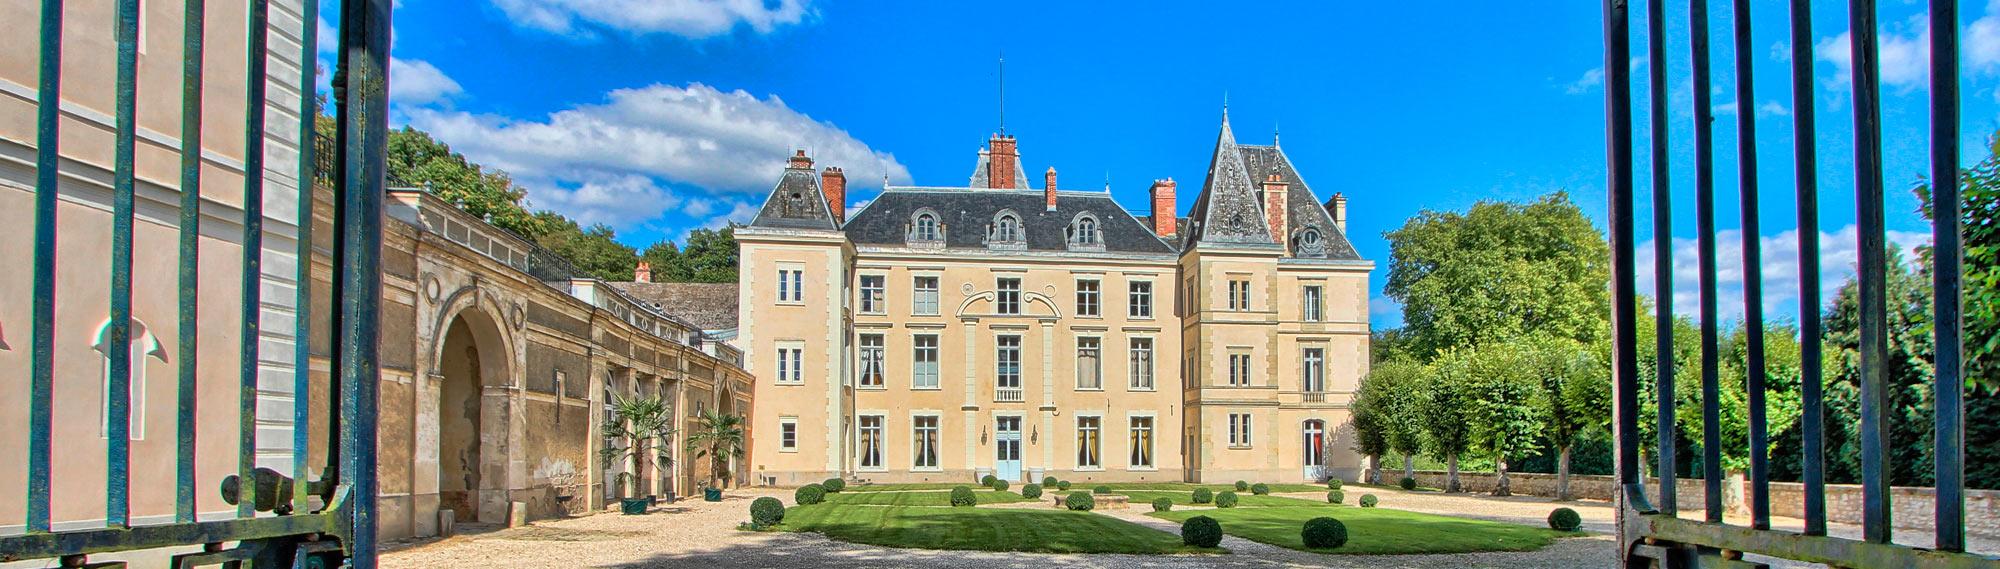 Le ch teau le ch teau de villiers - Chateau de villiers le bacle ...